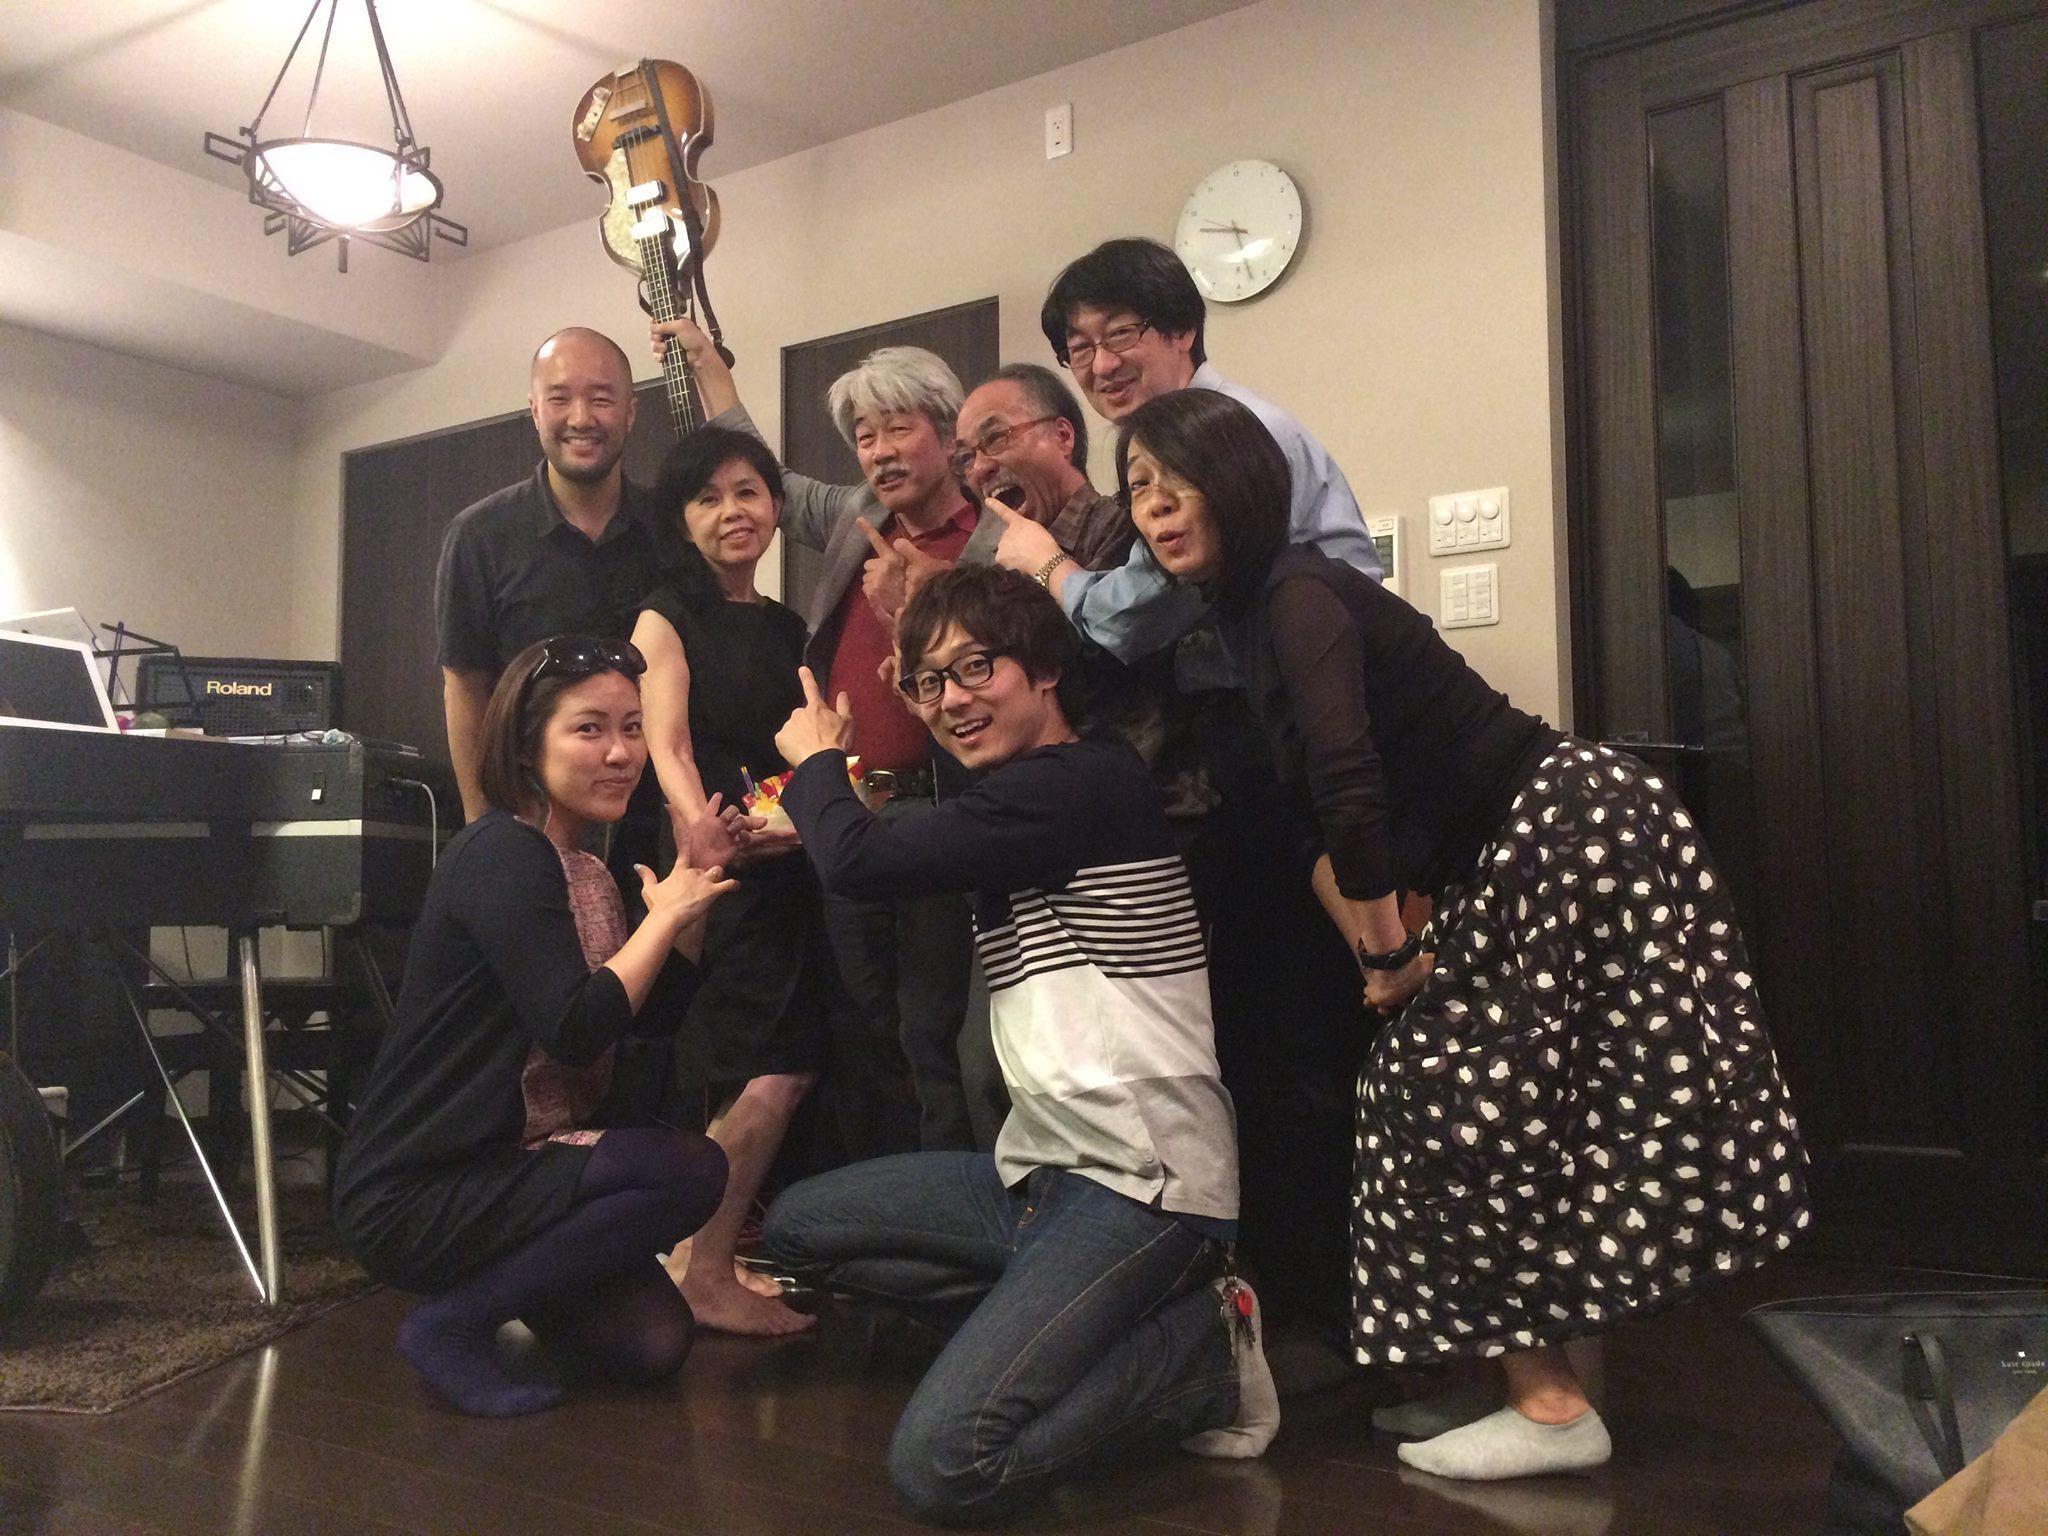 ホテルマリターレ創世でのディナーショー& 春吉CLUTCHライブ with Art Hirahara & ペペ伊藤_a0150139_06432003.jpg